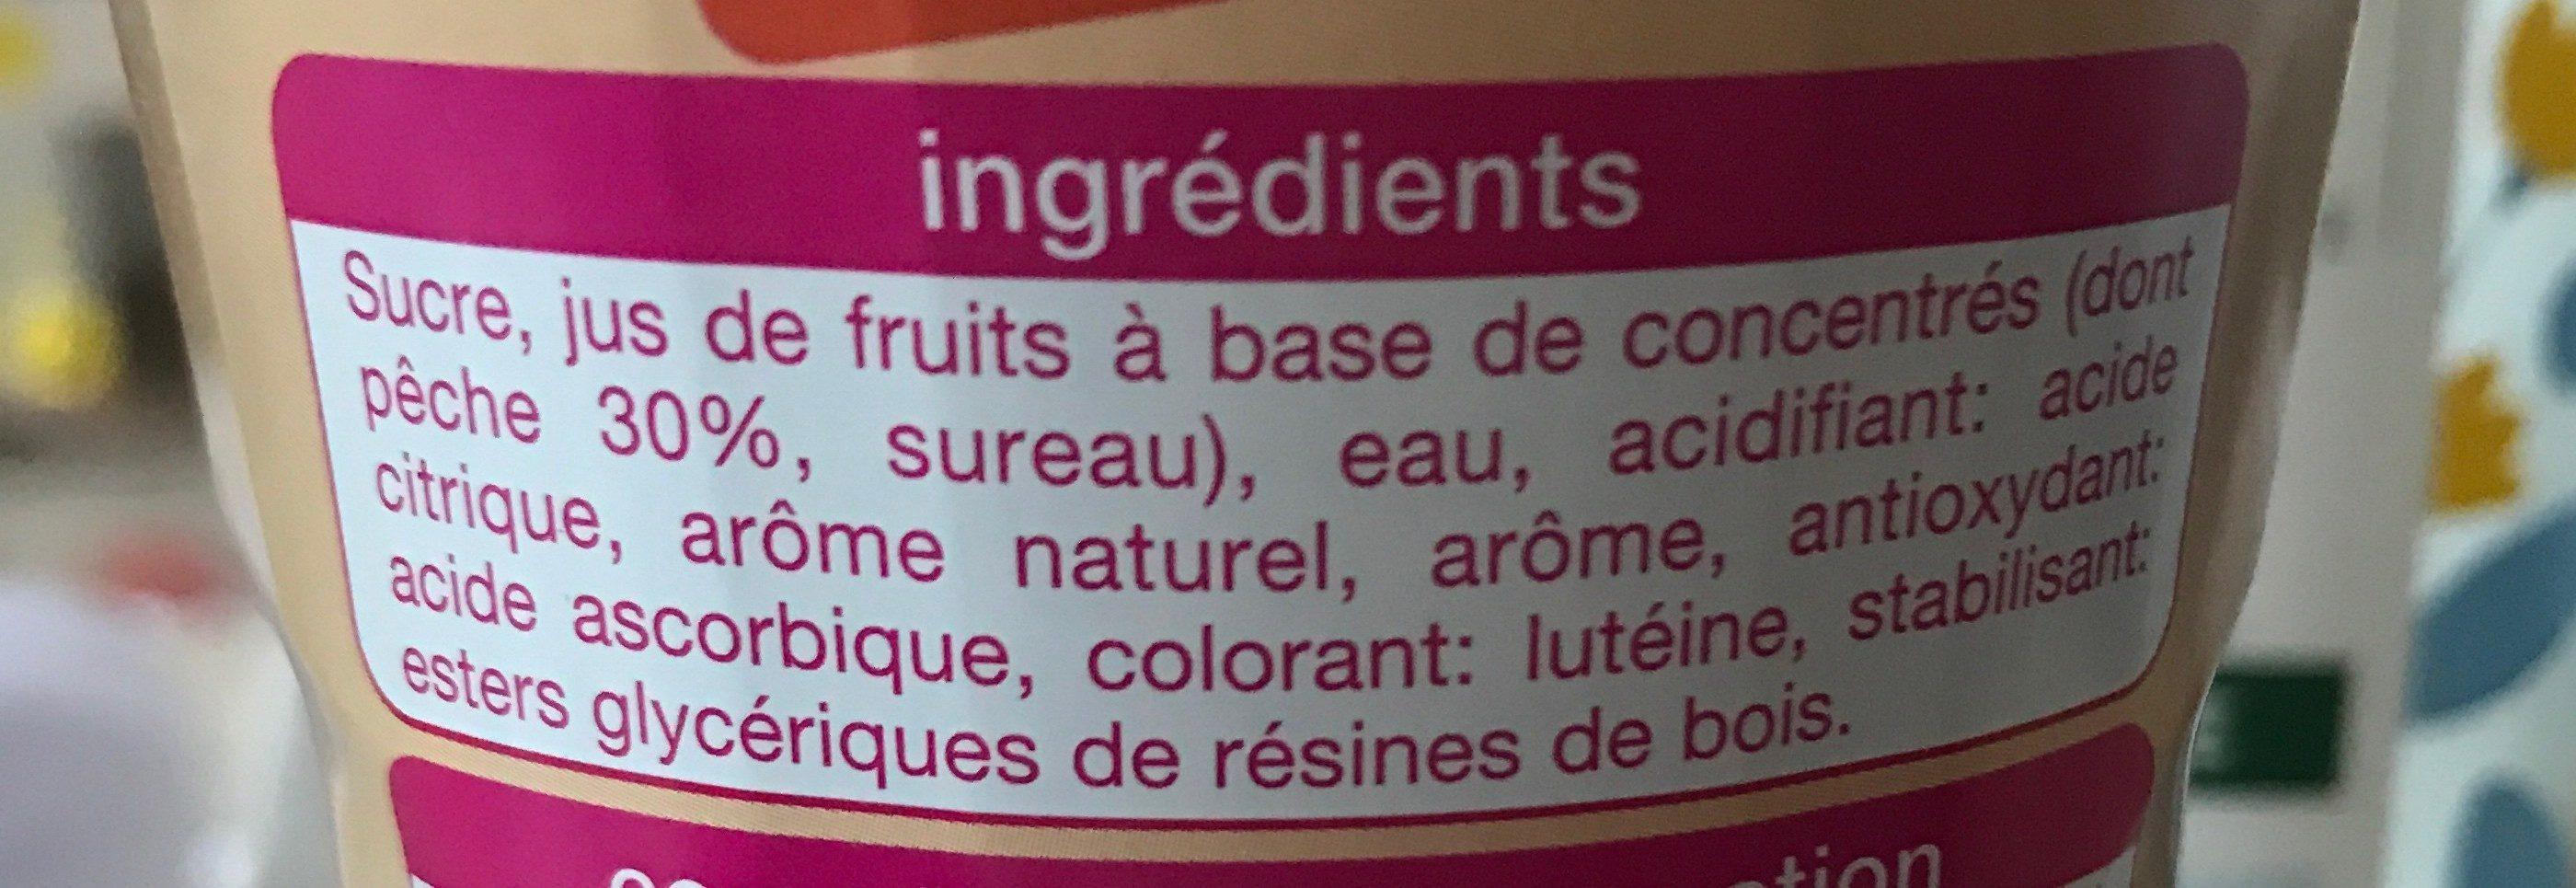 Sirop de pêche - Ingredients - fr